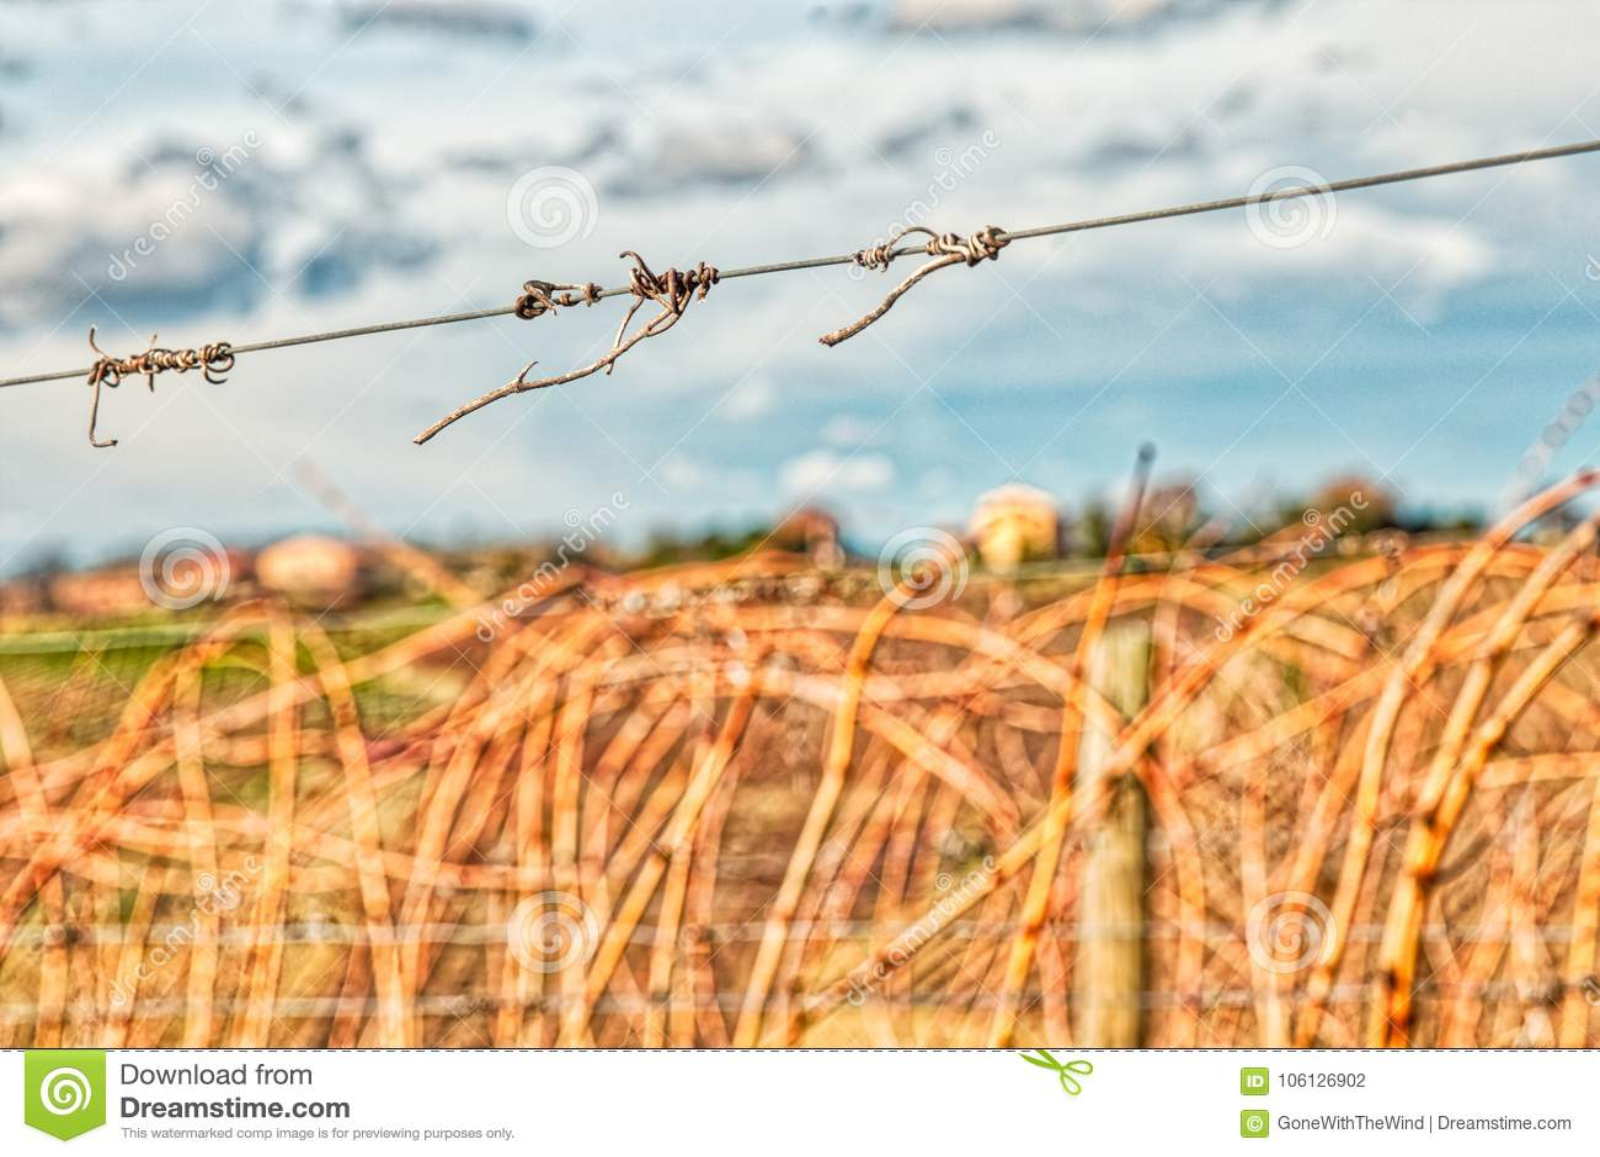 Zarcillos secados en el alambre